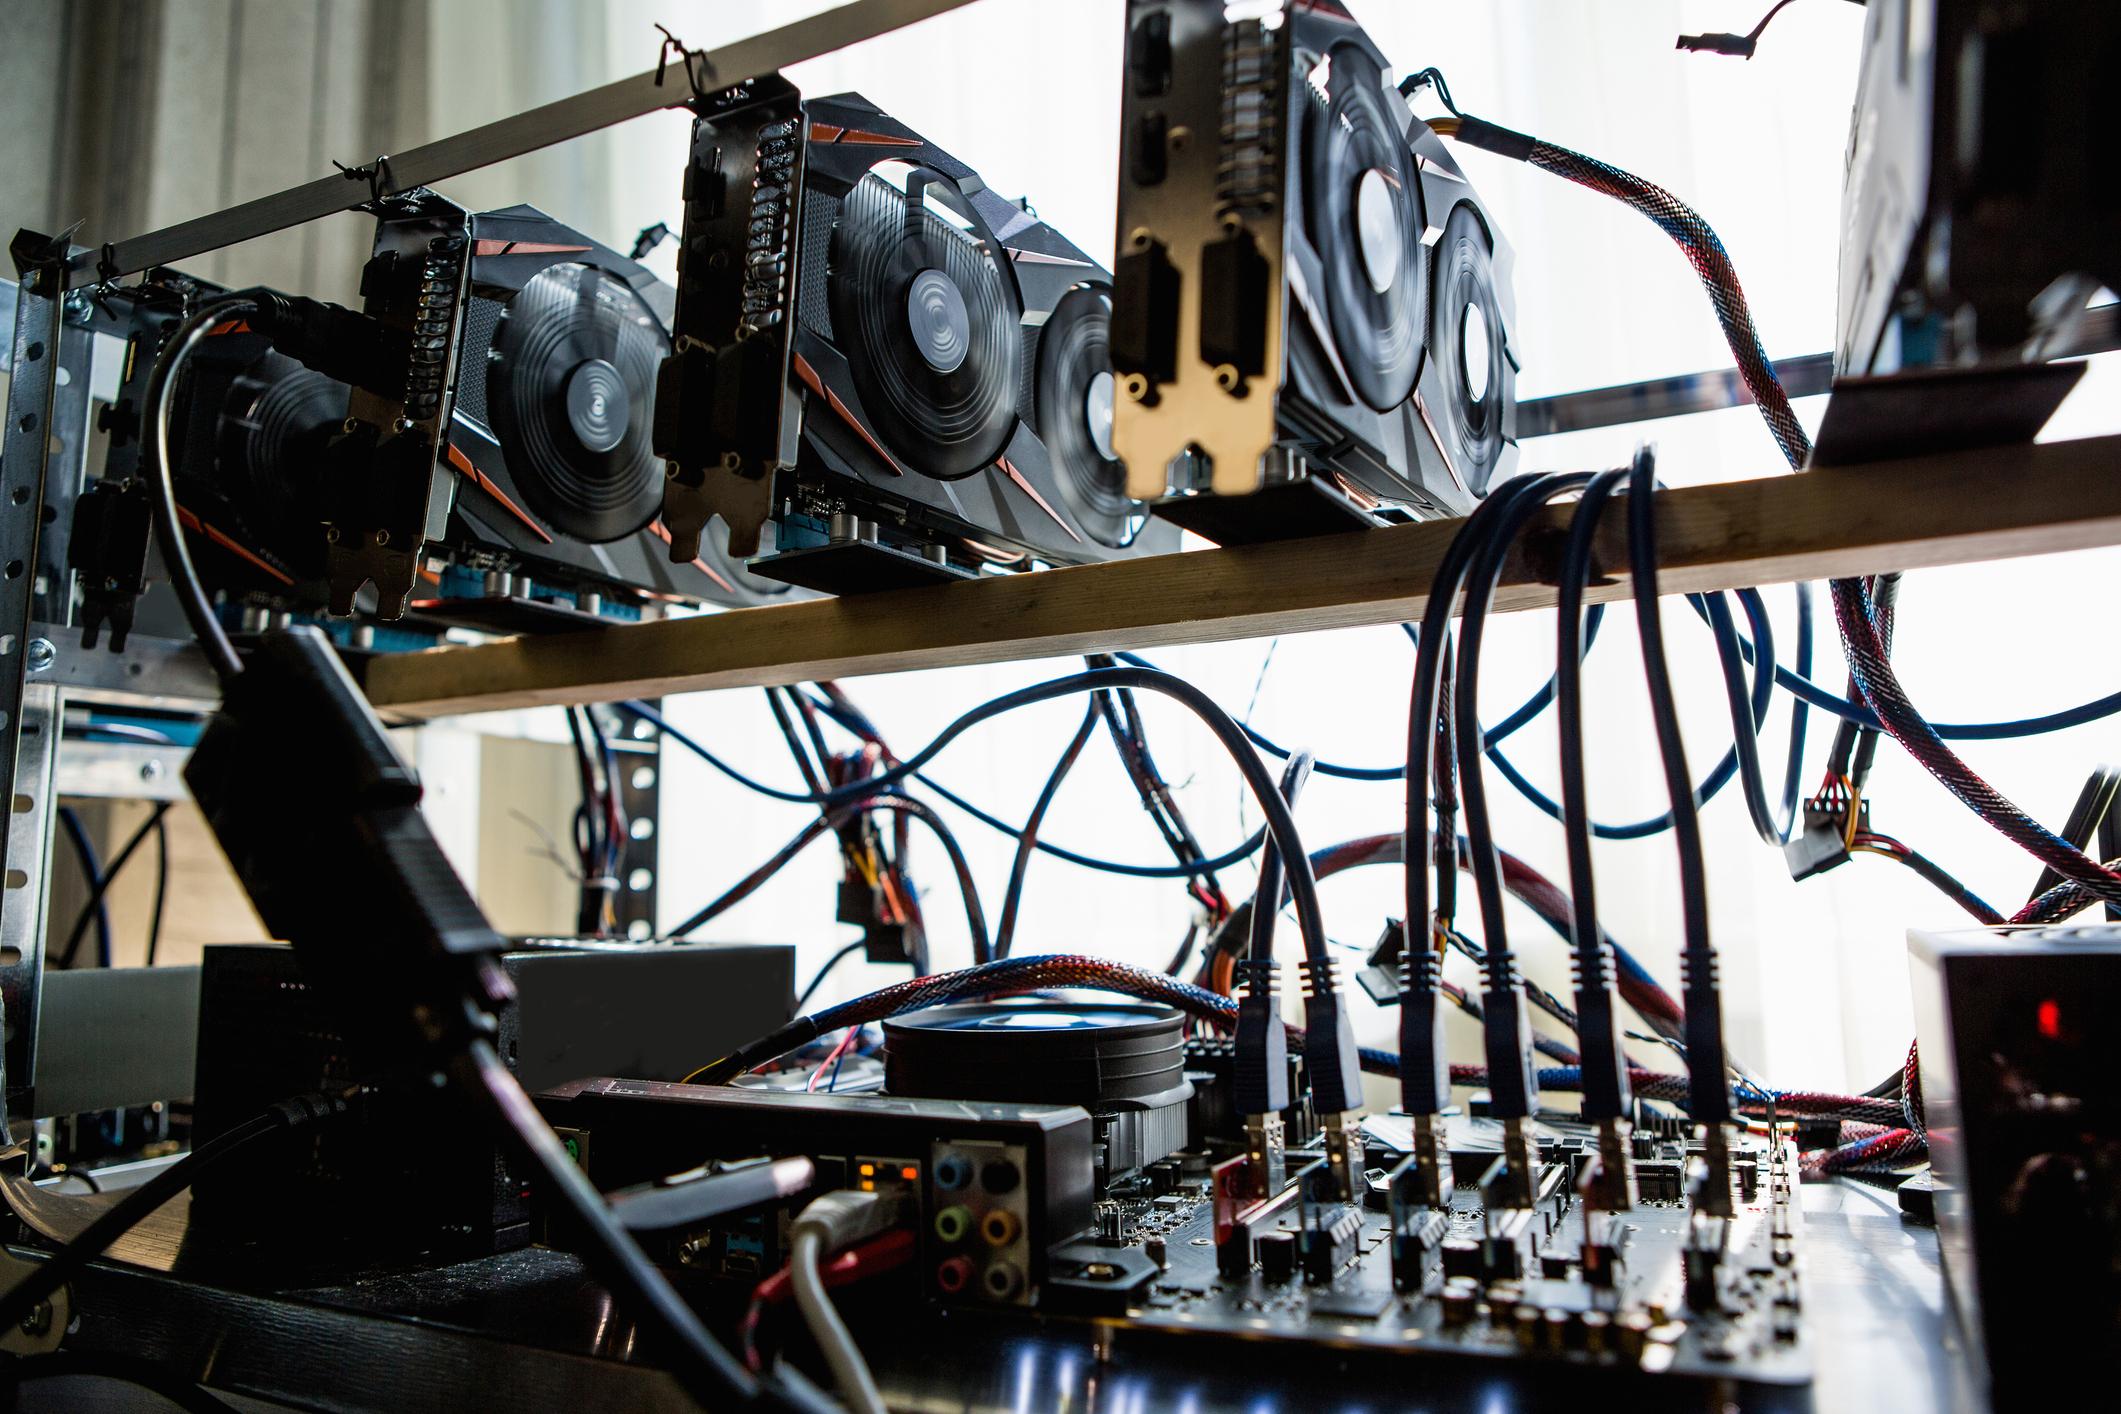 Hard drives set up on a shelf.